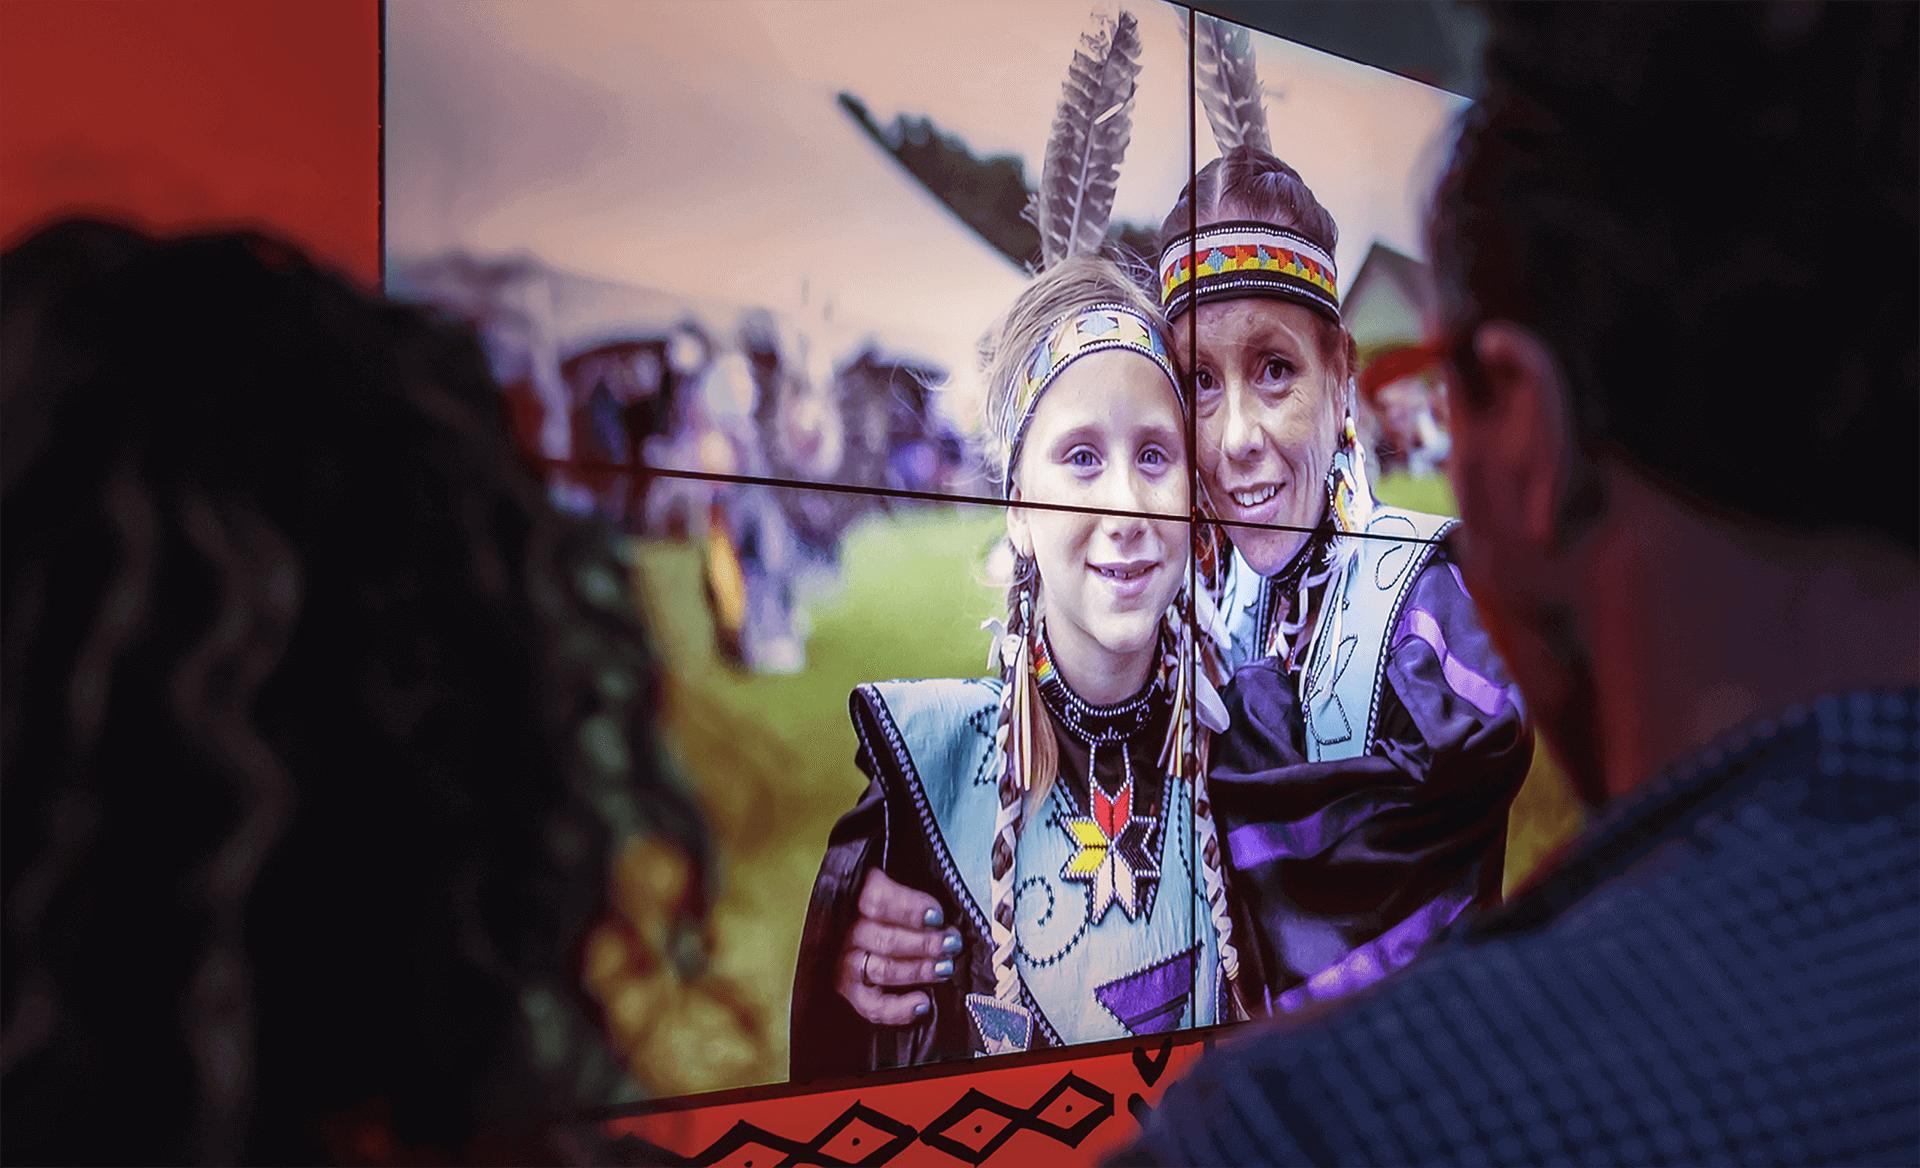 Identité visuelle |Participants en habits traditionnels autochtones sur un écran géant |TAQ